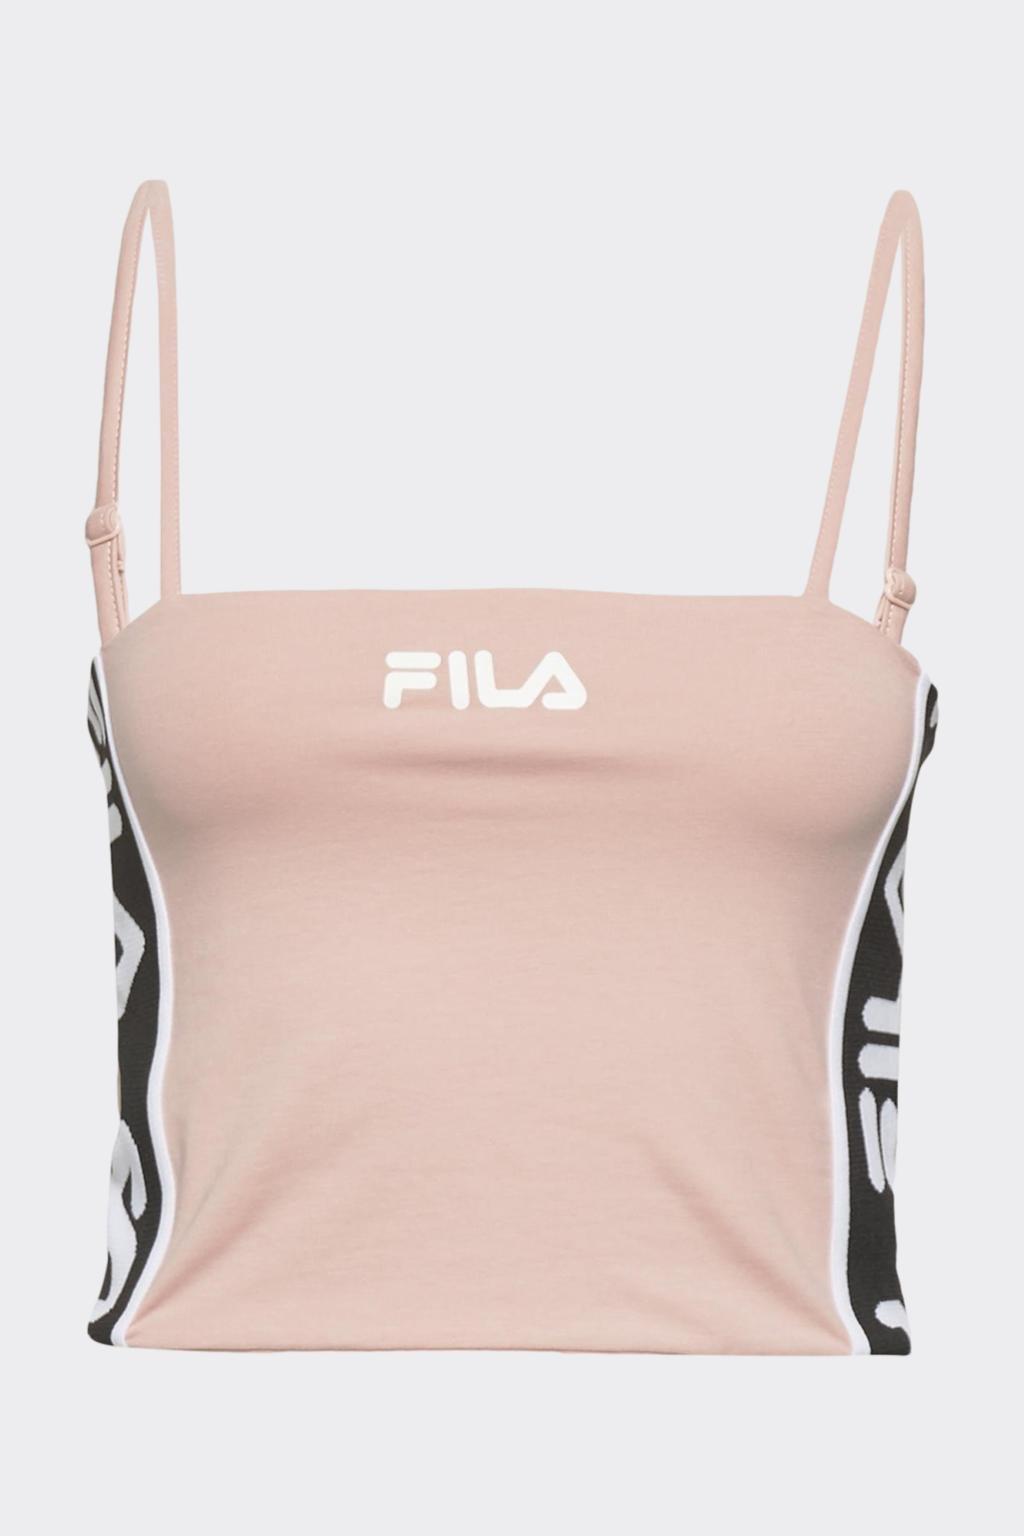 FILA cropped top TAKODA - světle růžový